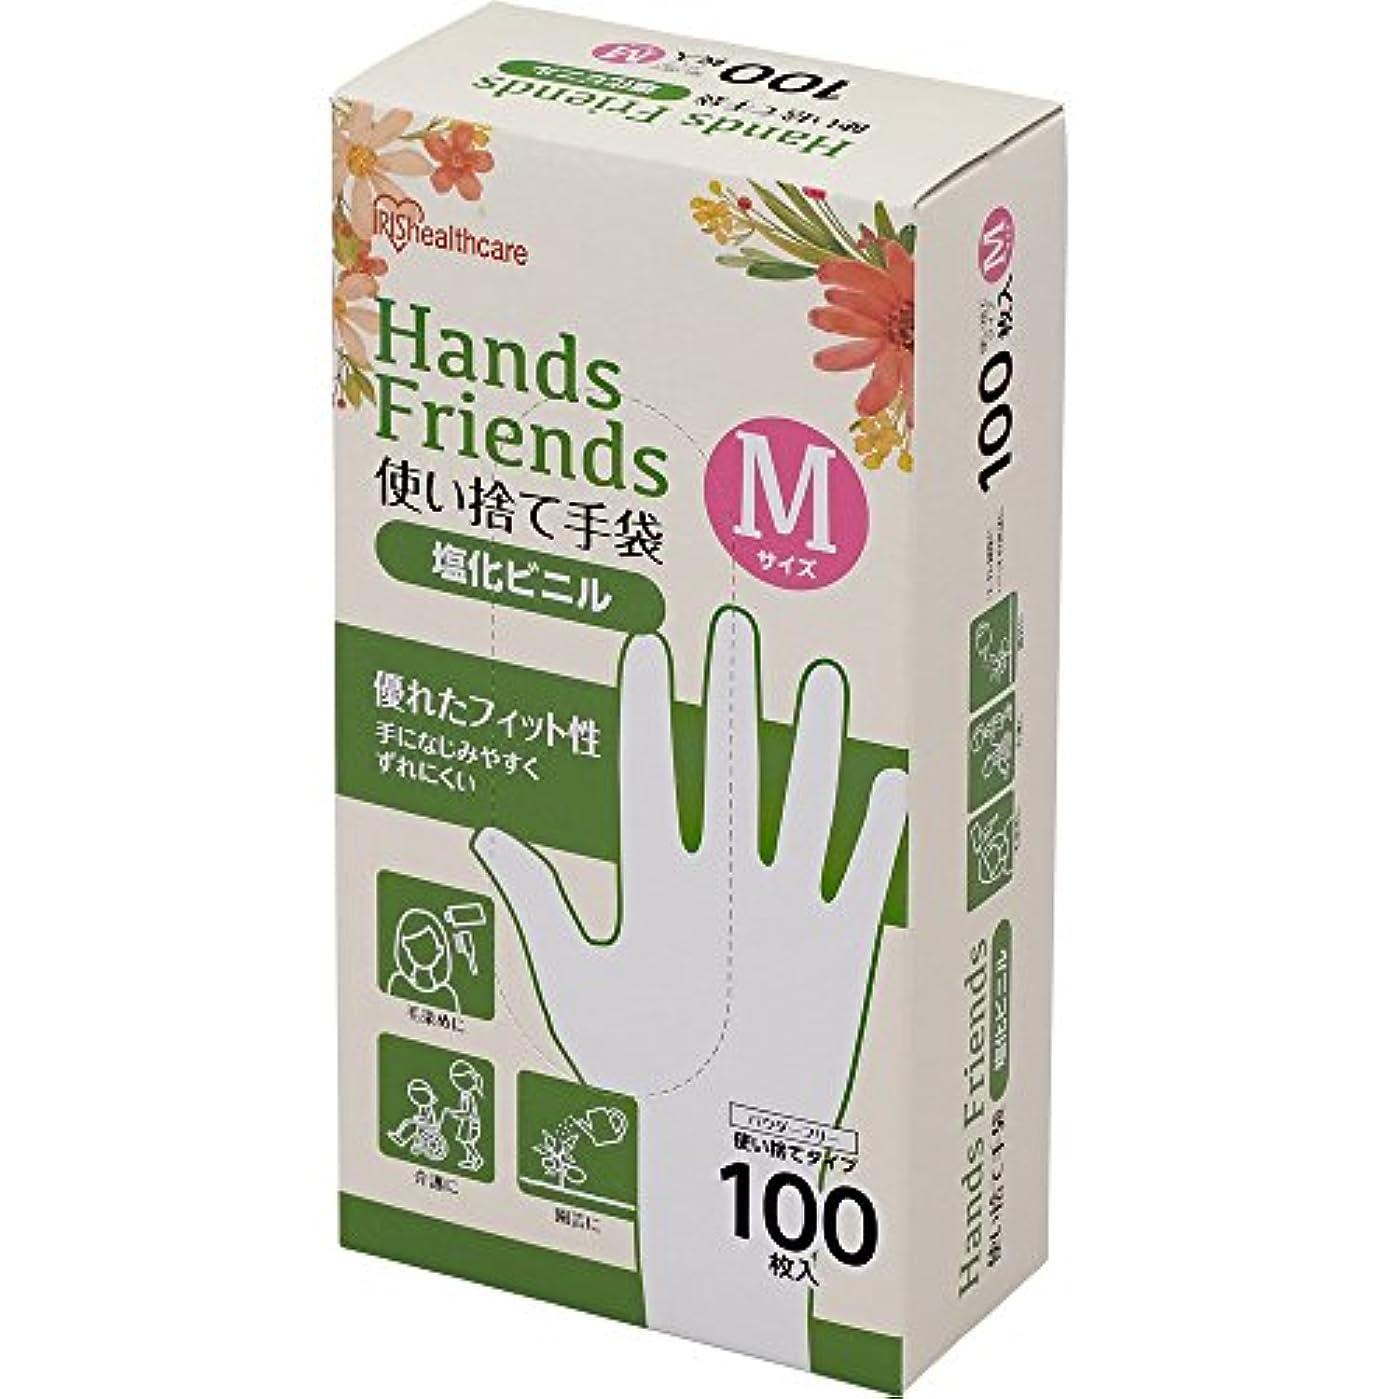 同じラビリンス高く使い捨て手袋 クリア 塩化ビニル 100枚 Mサイズ PVC-100M